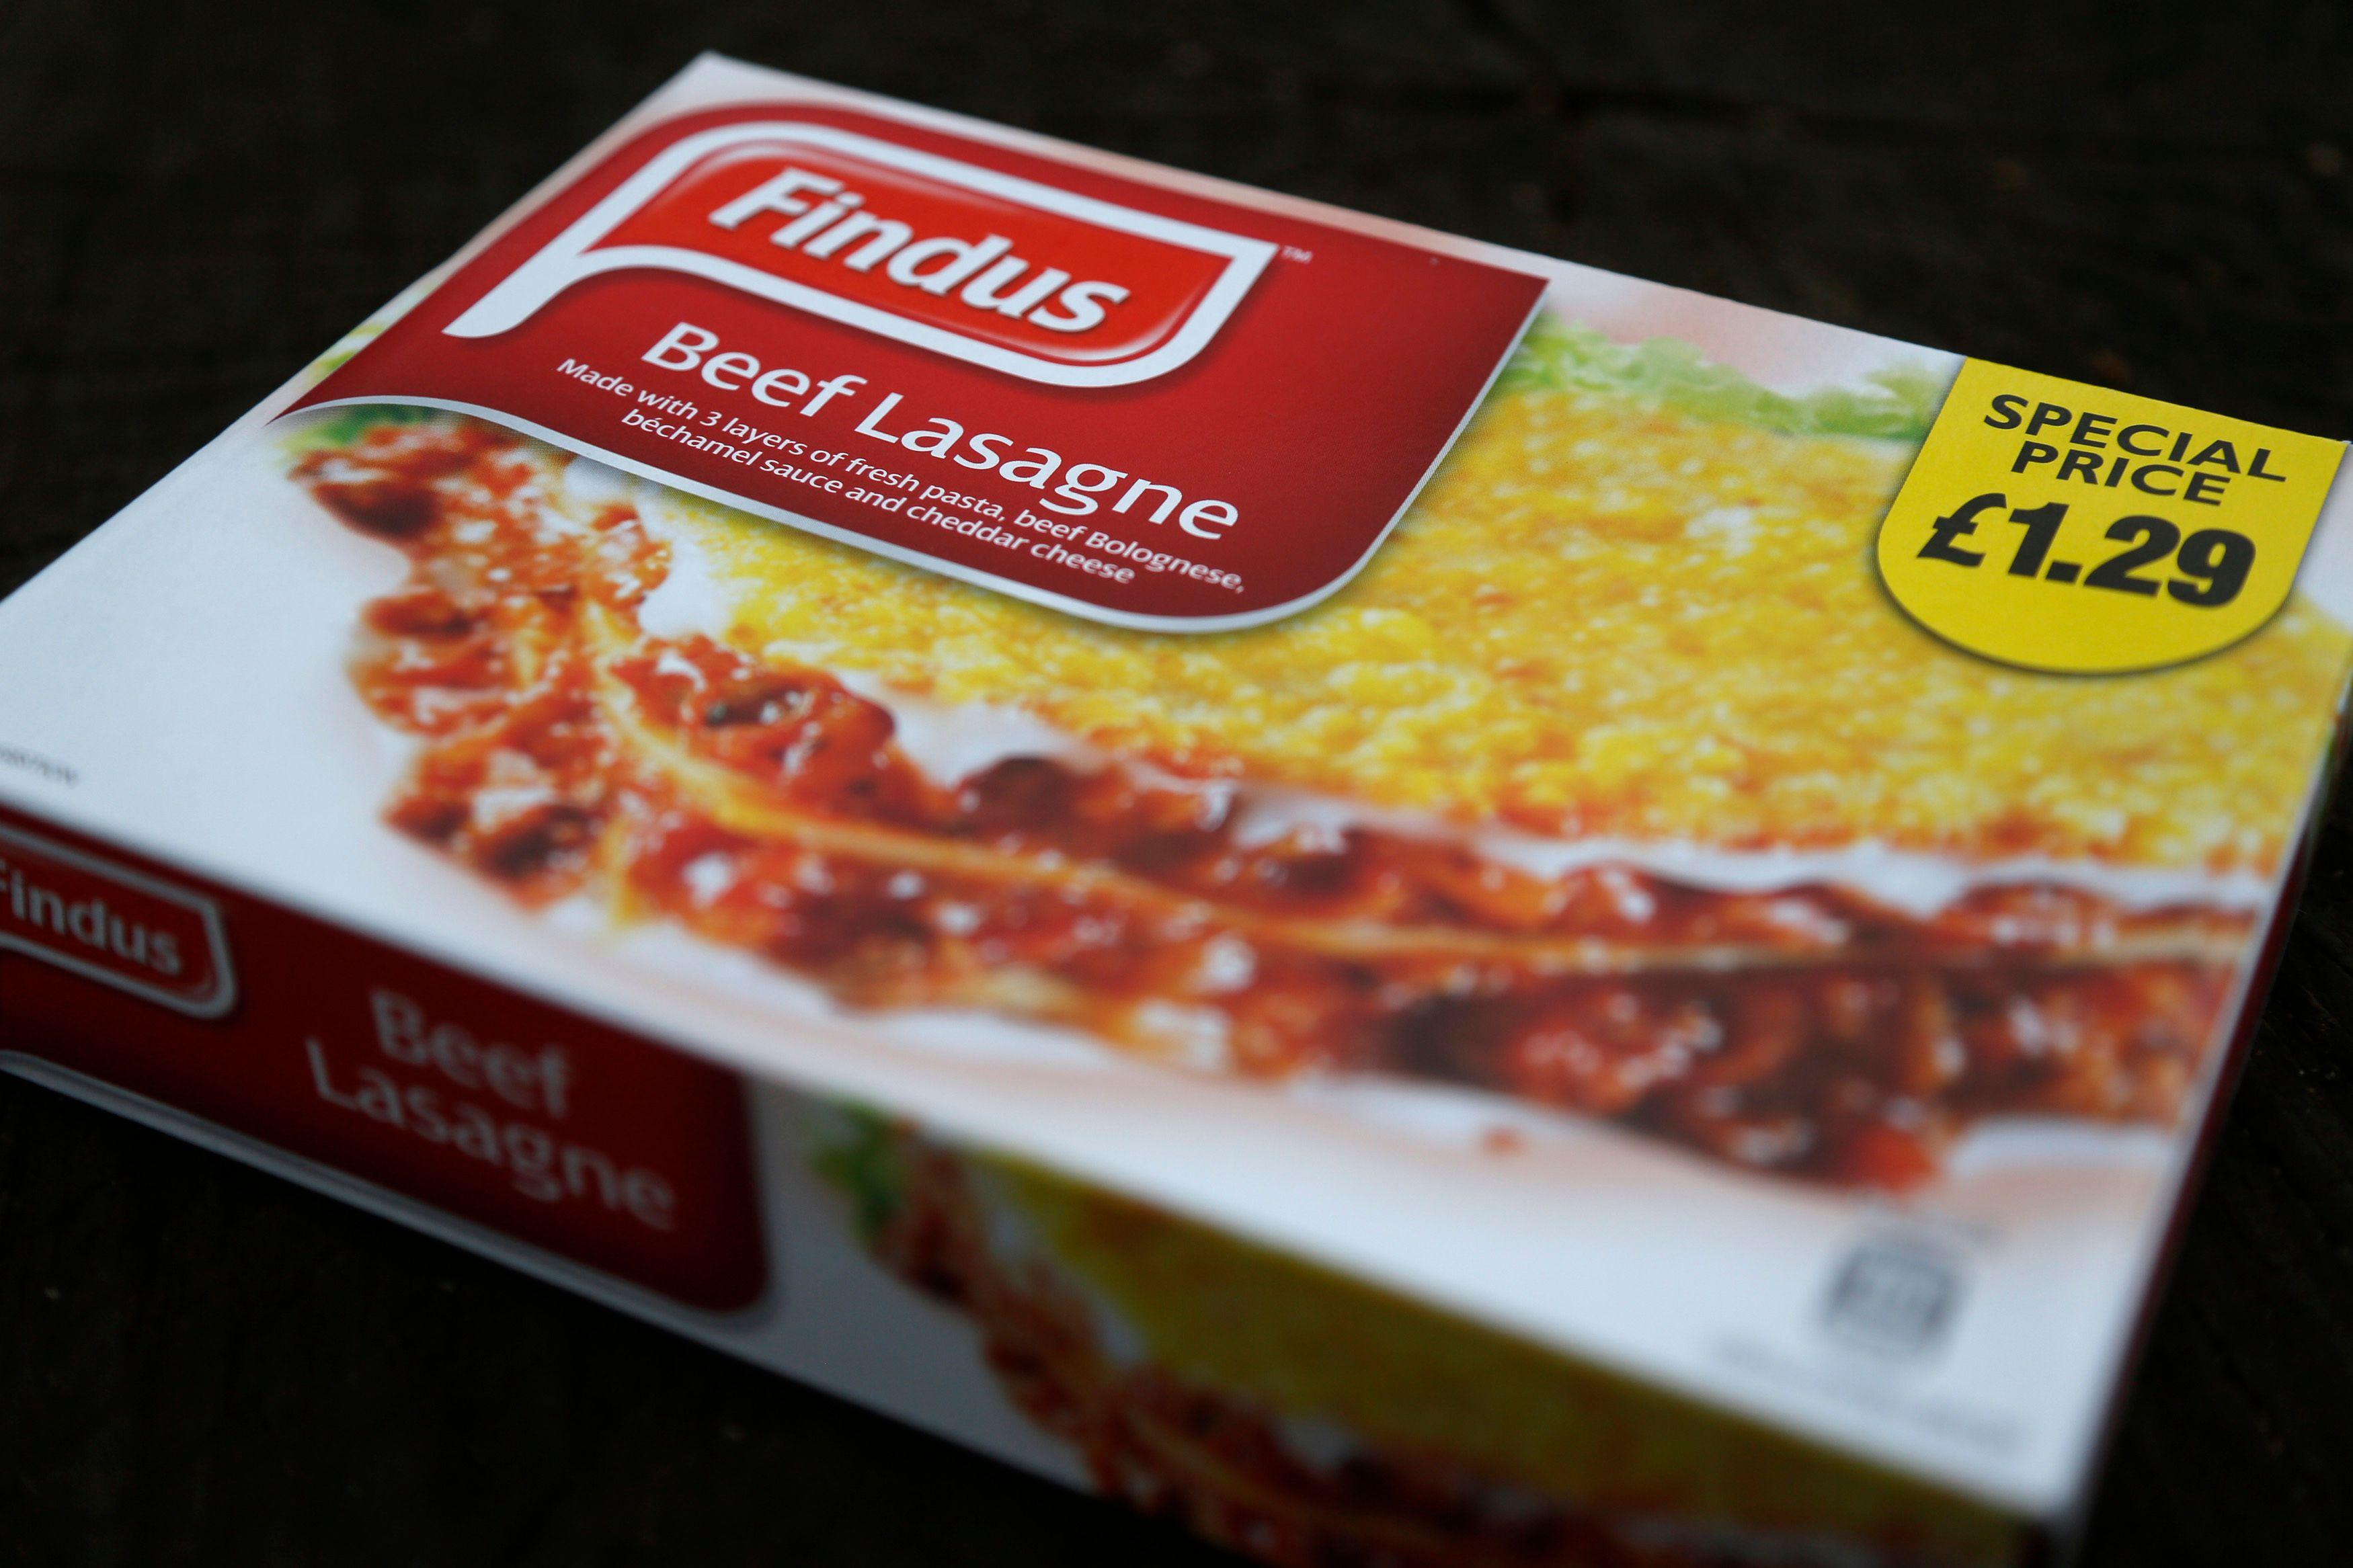 Le scandale de la viande de cheval dans les produits Findus révèle les failles d'un système agroalimentaire mondialisé dominé par des logiques financières.